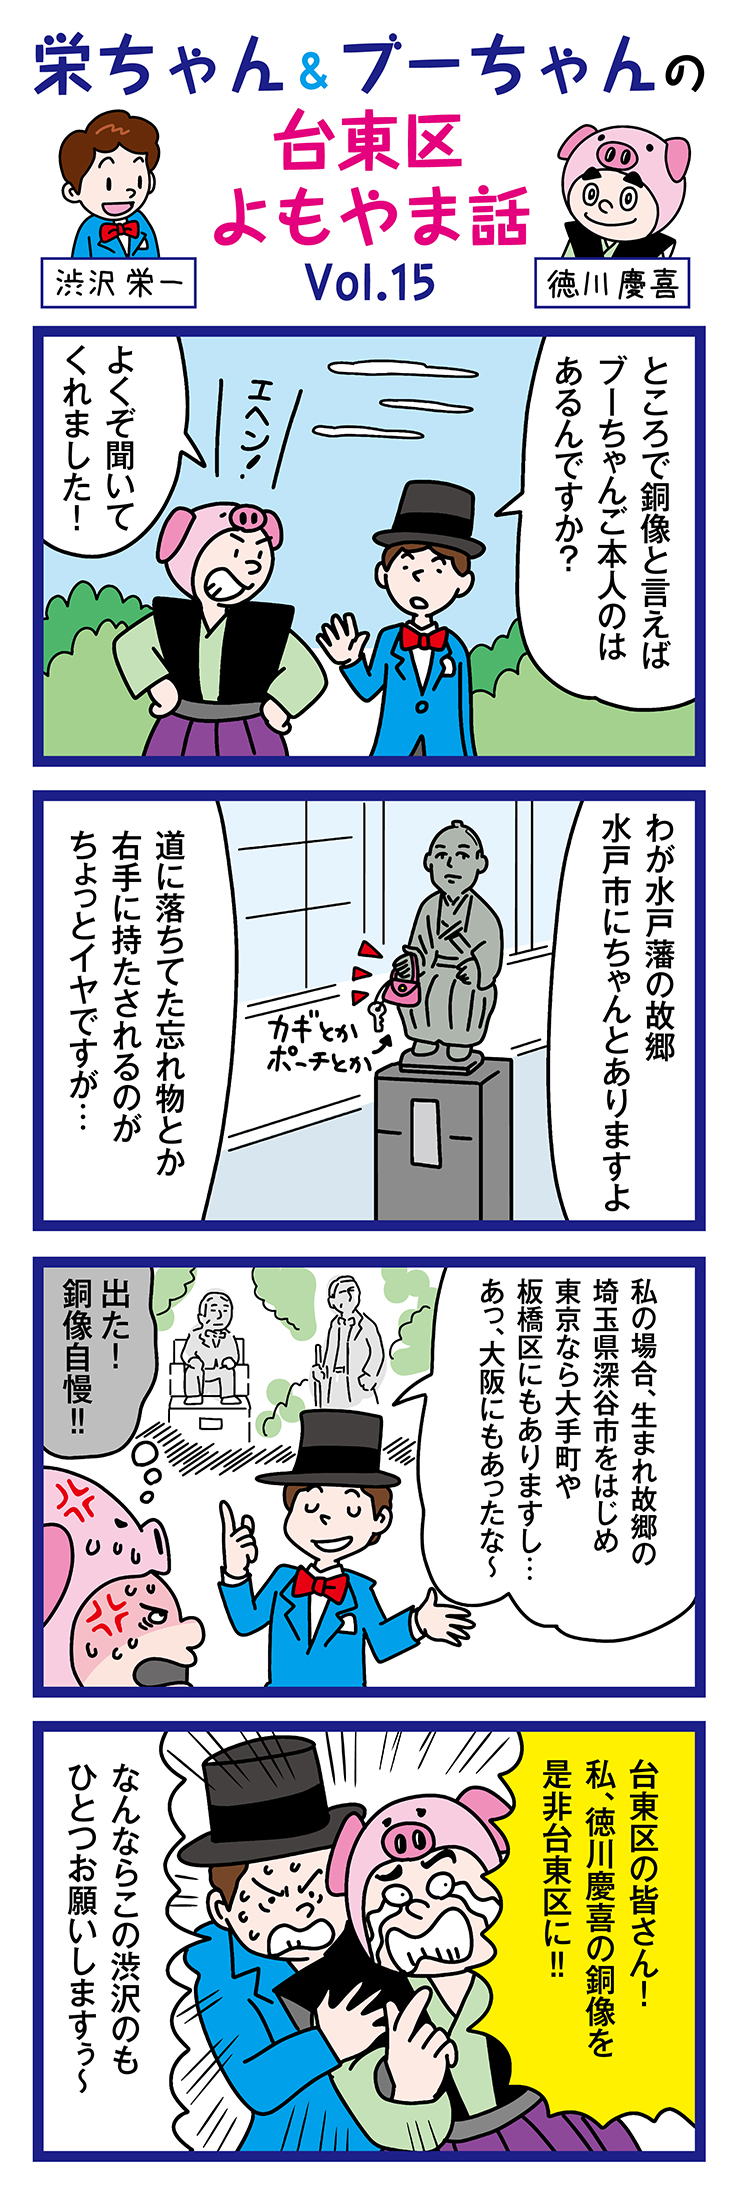 歴史とロマンあふれる人気のスポット「栄ちゃん(渋沢栄一)の銅像」歴史×台東区を漫画で学ぶ!Vol.15